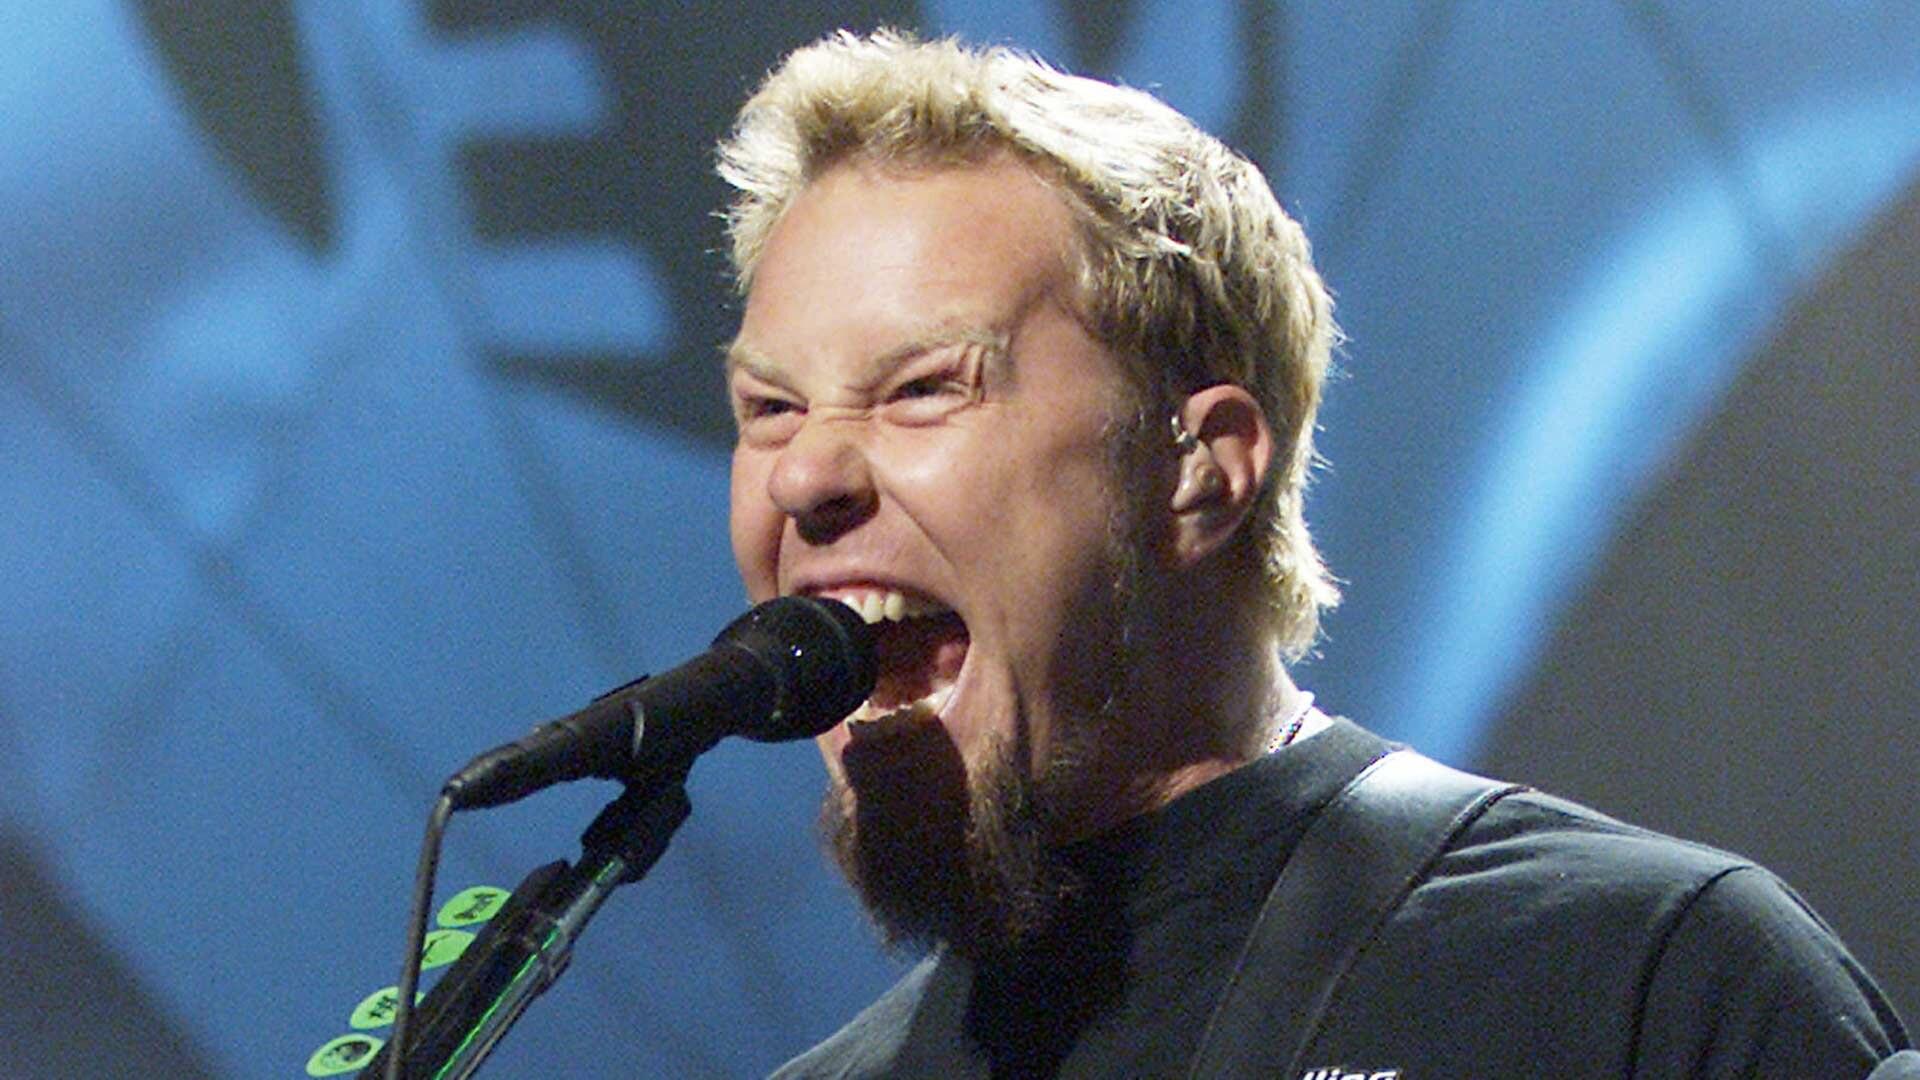 Metallica - Metallica: Classic Albums